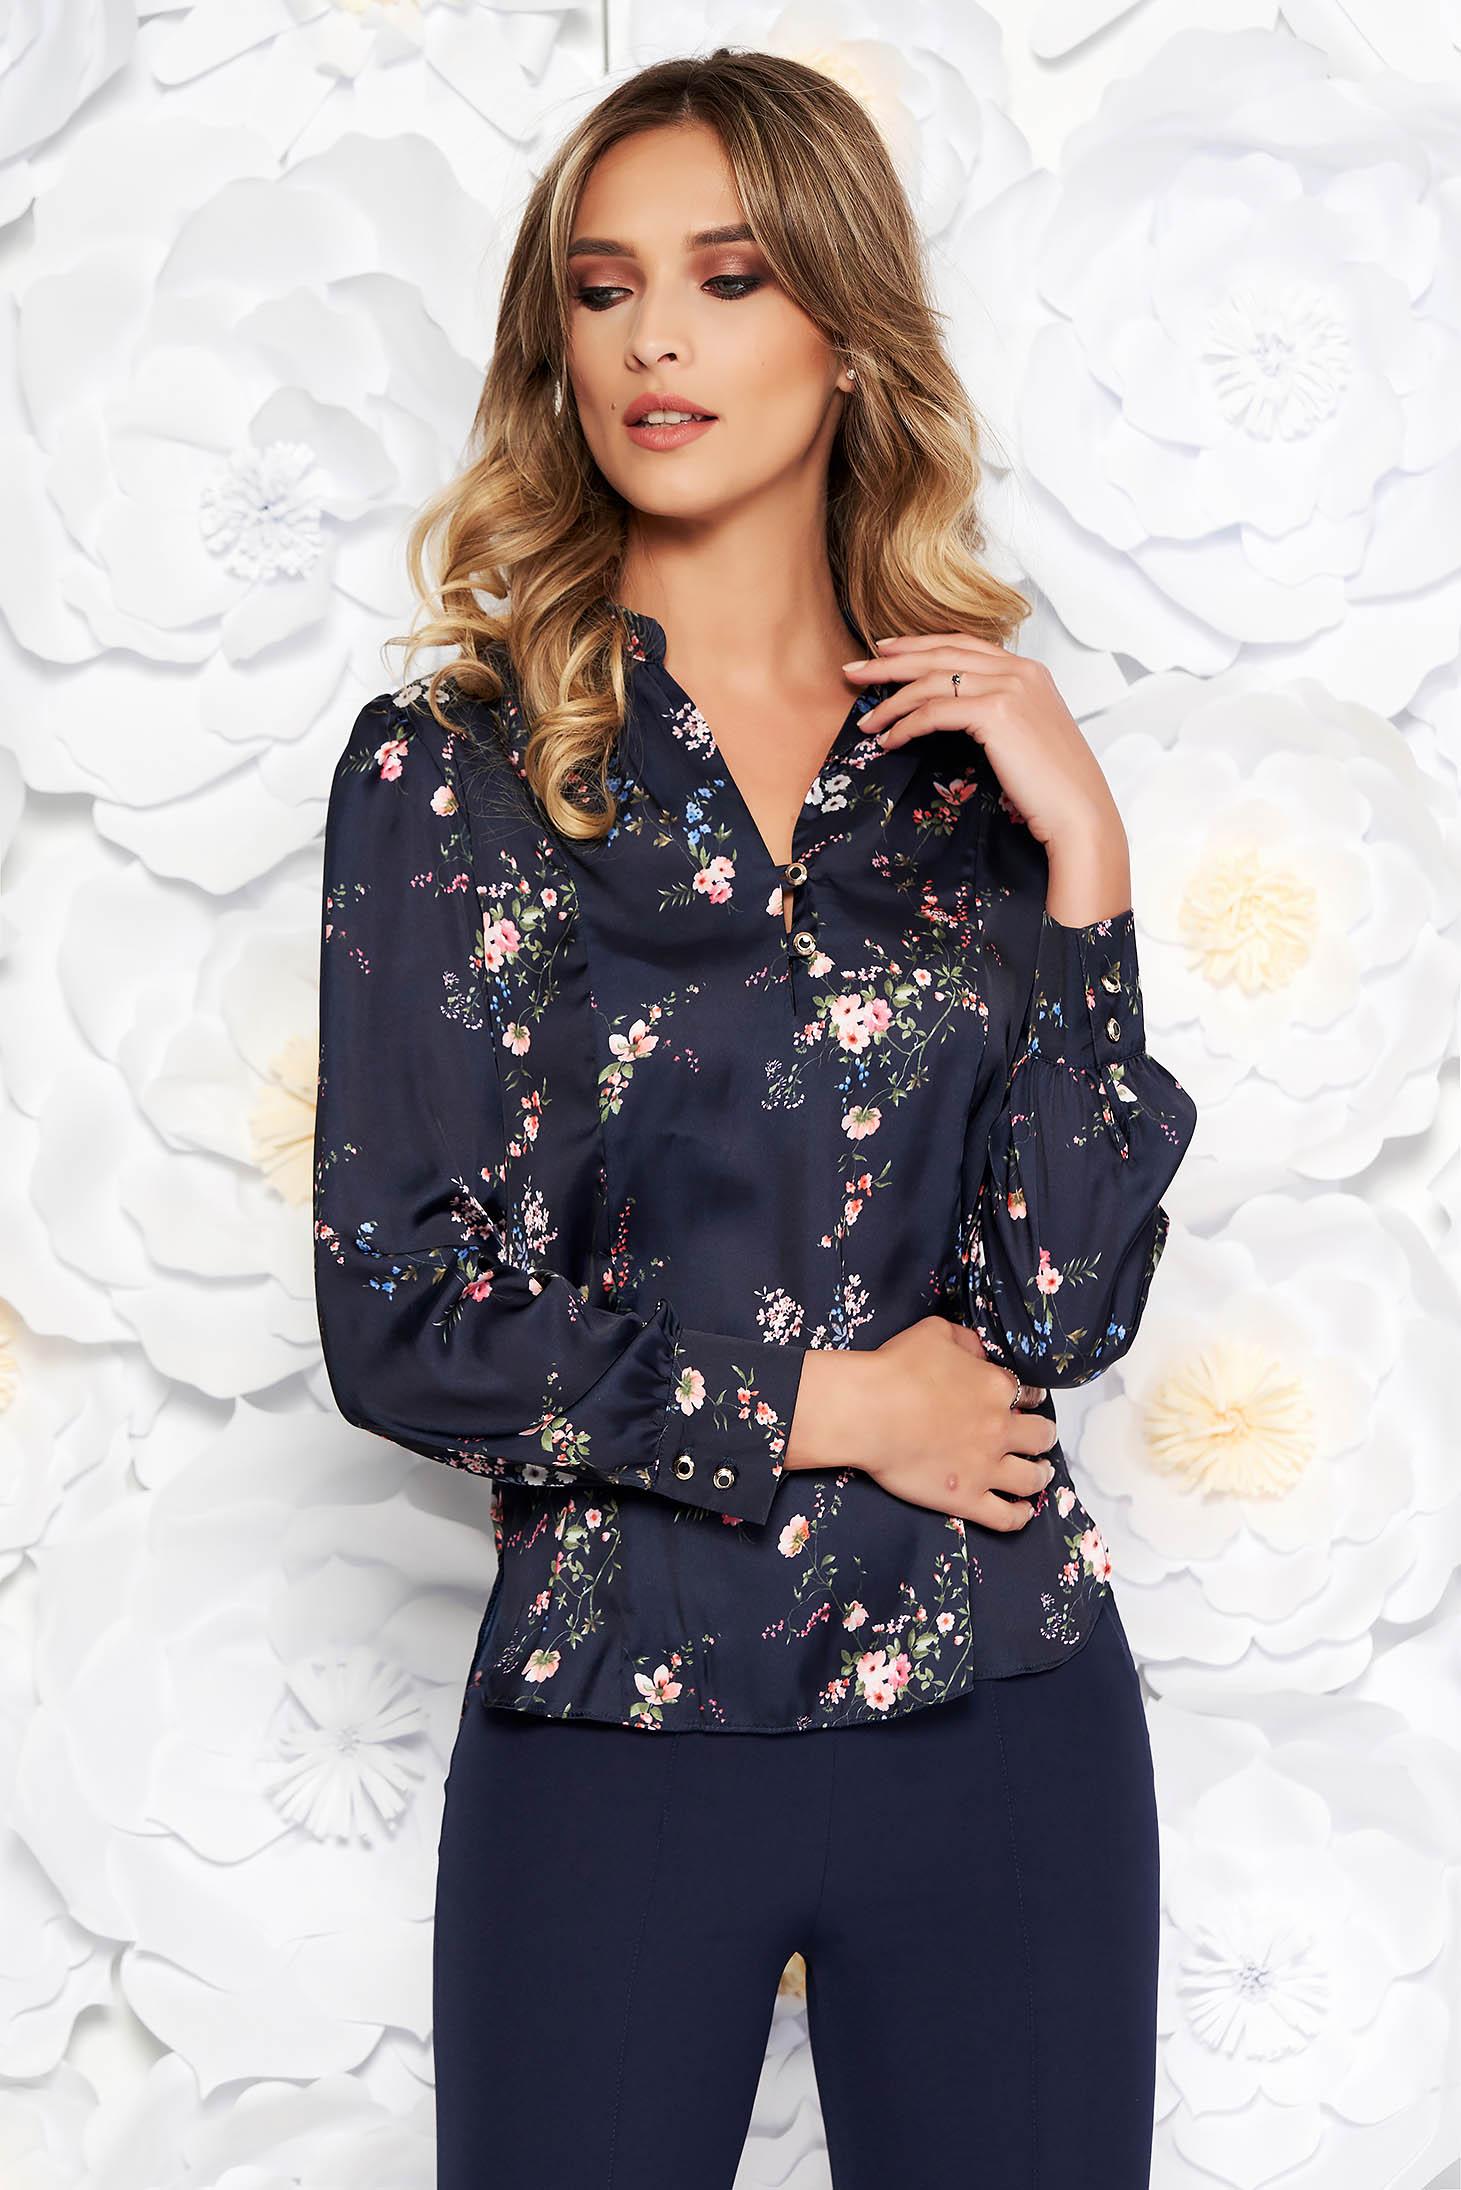 da359db2a1 Sötétkék elegáns bő szabású női ing szatén anyagból virágmintás díszítéssel